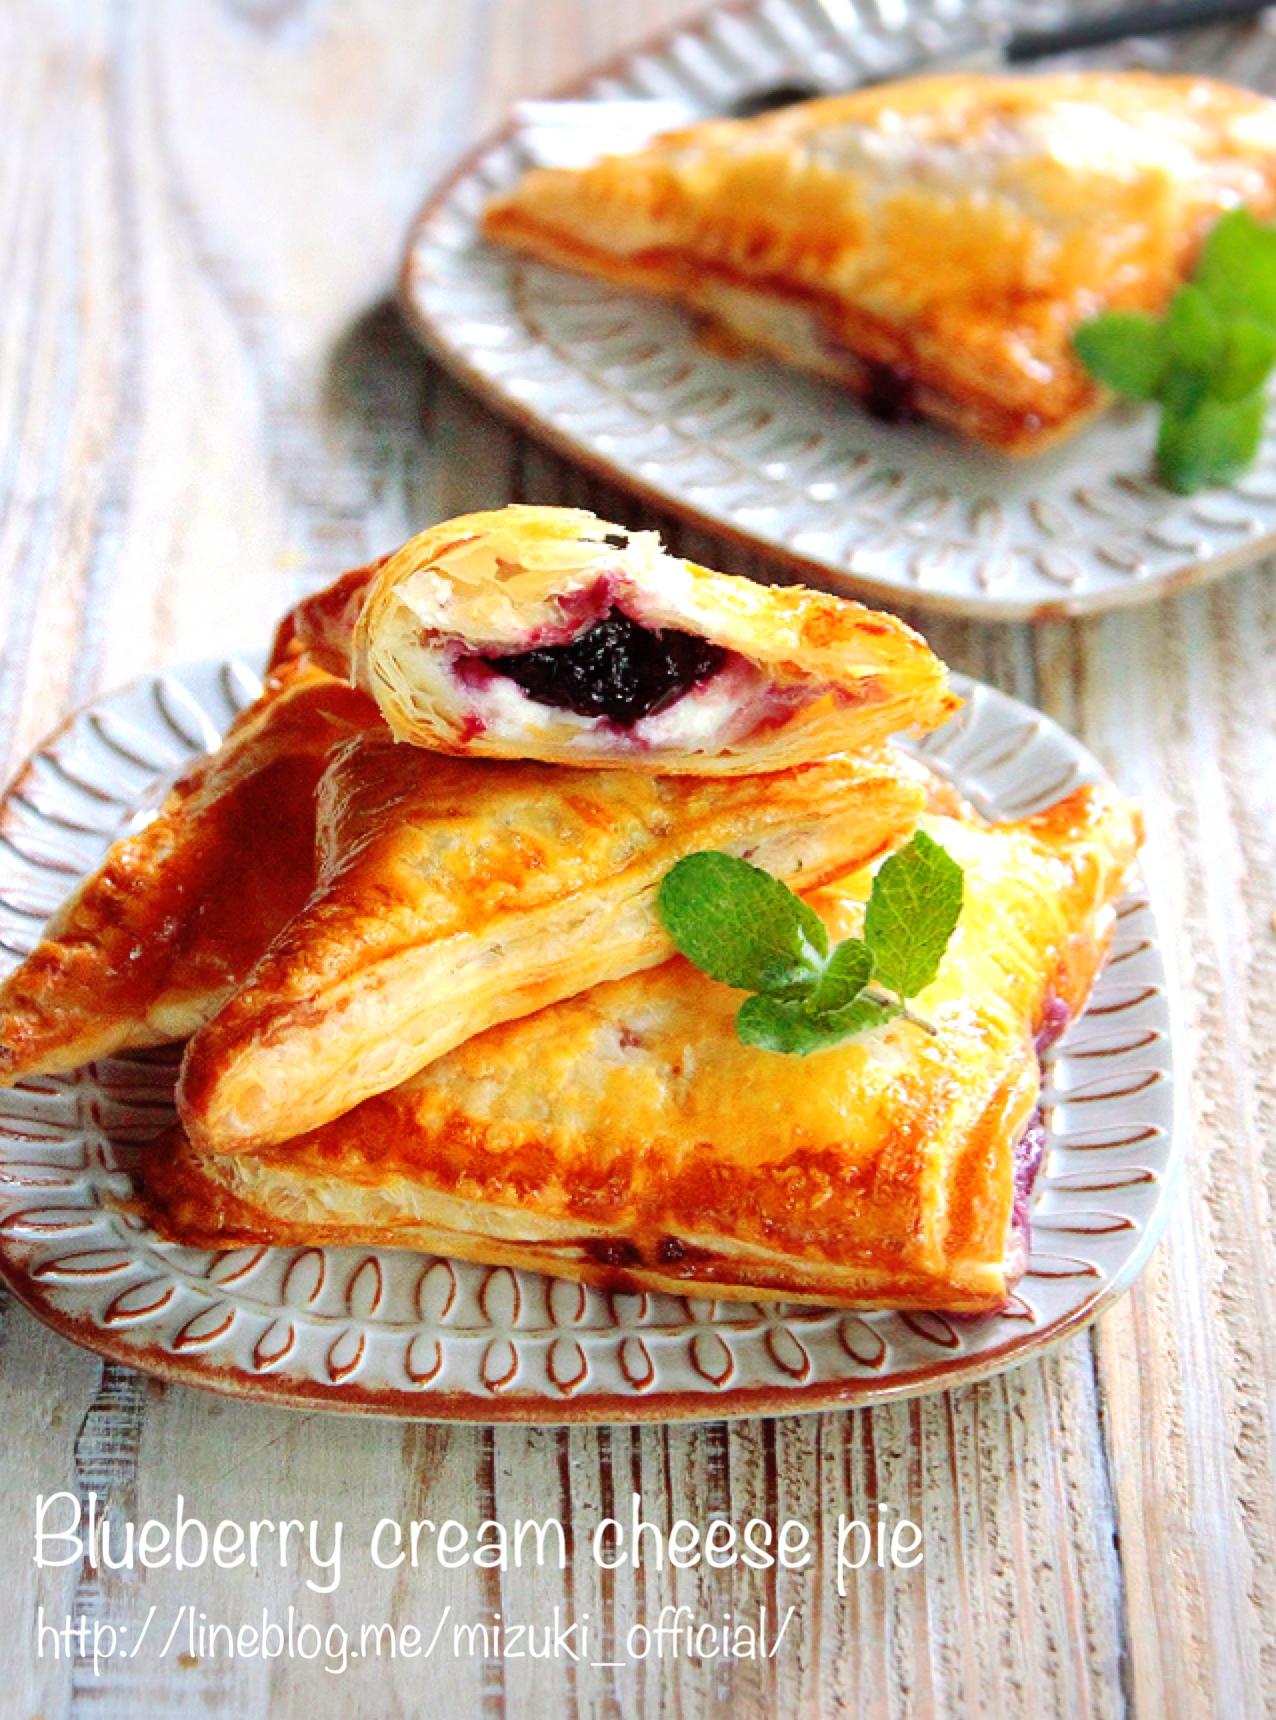 ♡パイシートde超簡単♡ブルーベリークリームチーズパイ♡【#お菓子#三角パイ#時短】